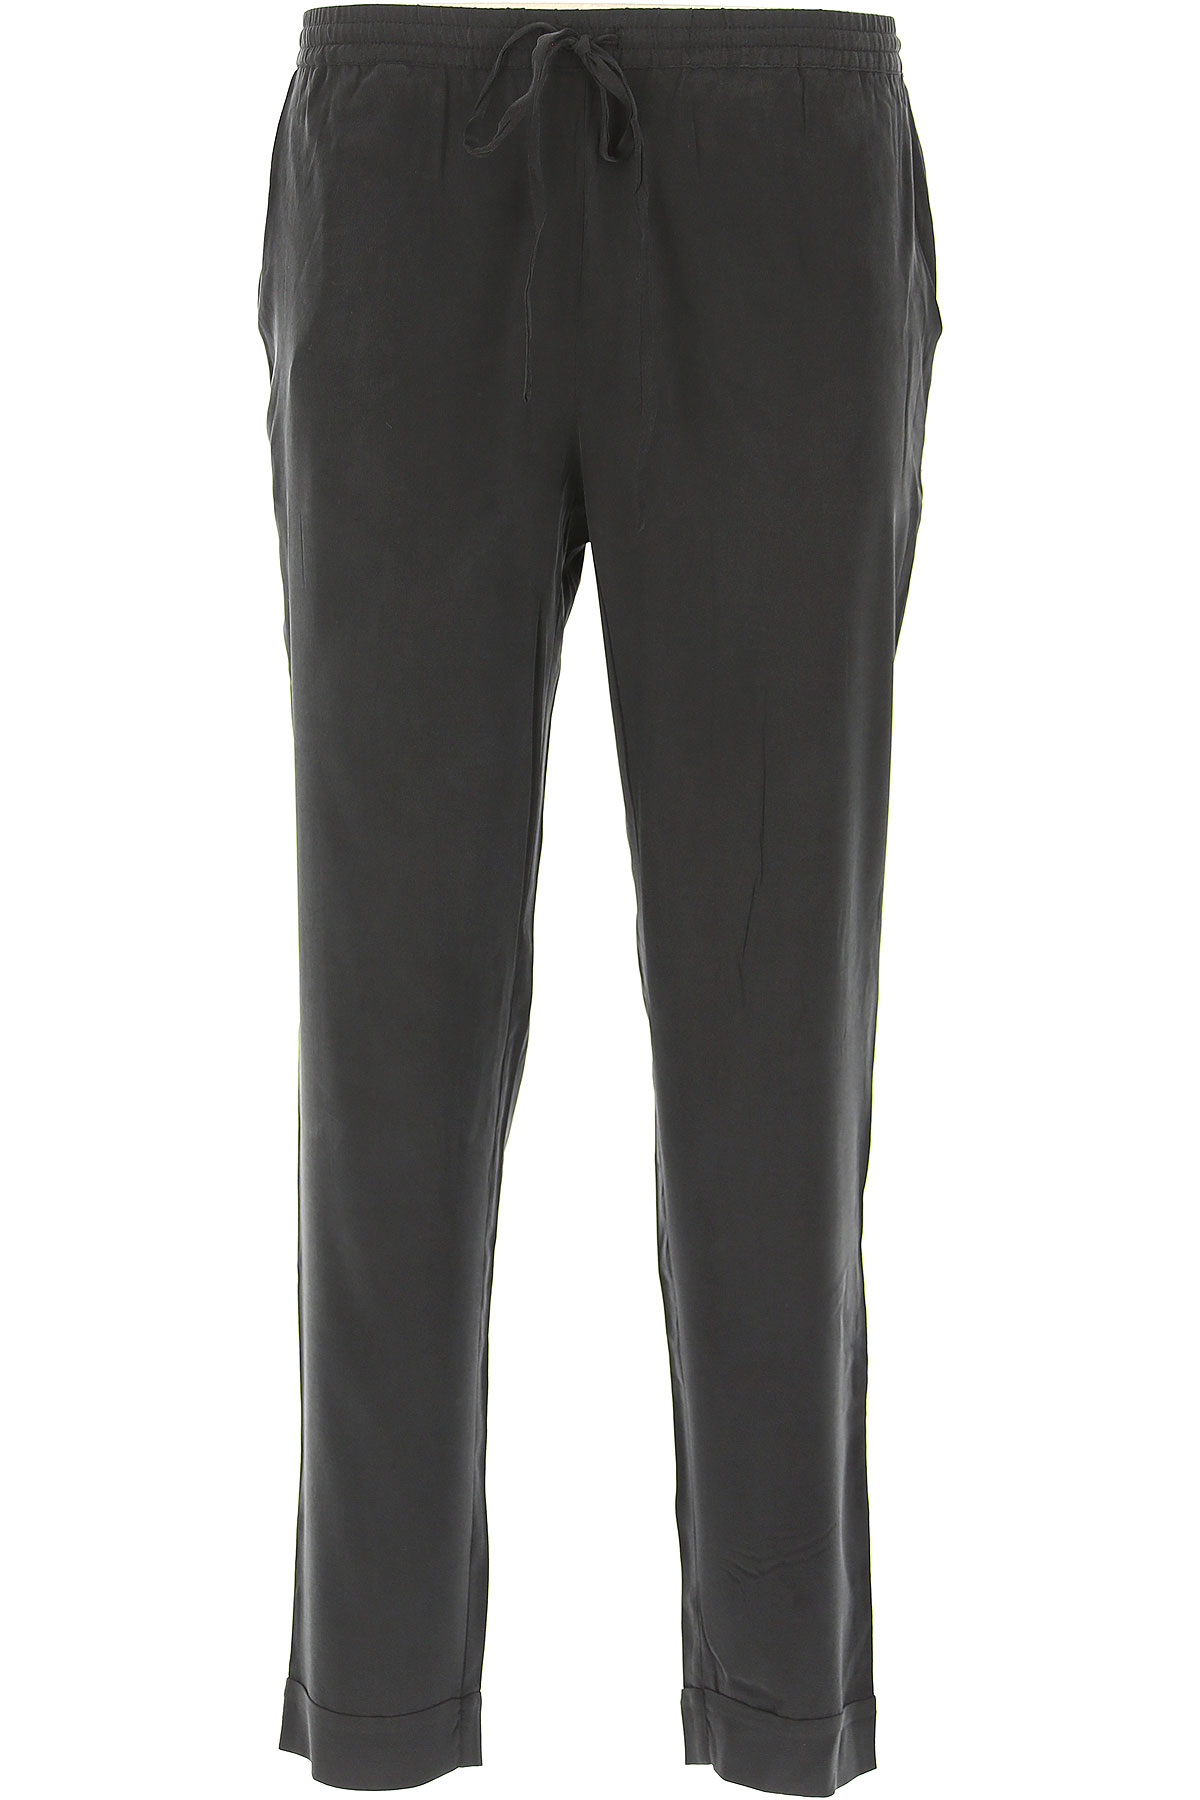 P.A.R.O.S.H. Pants for Women On Sale in Outlet, Black, Silk, 2019, 2 4